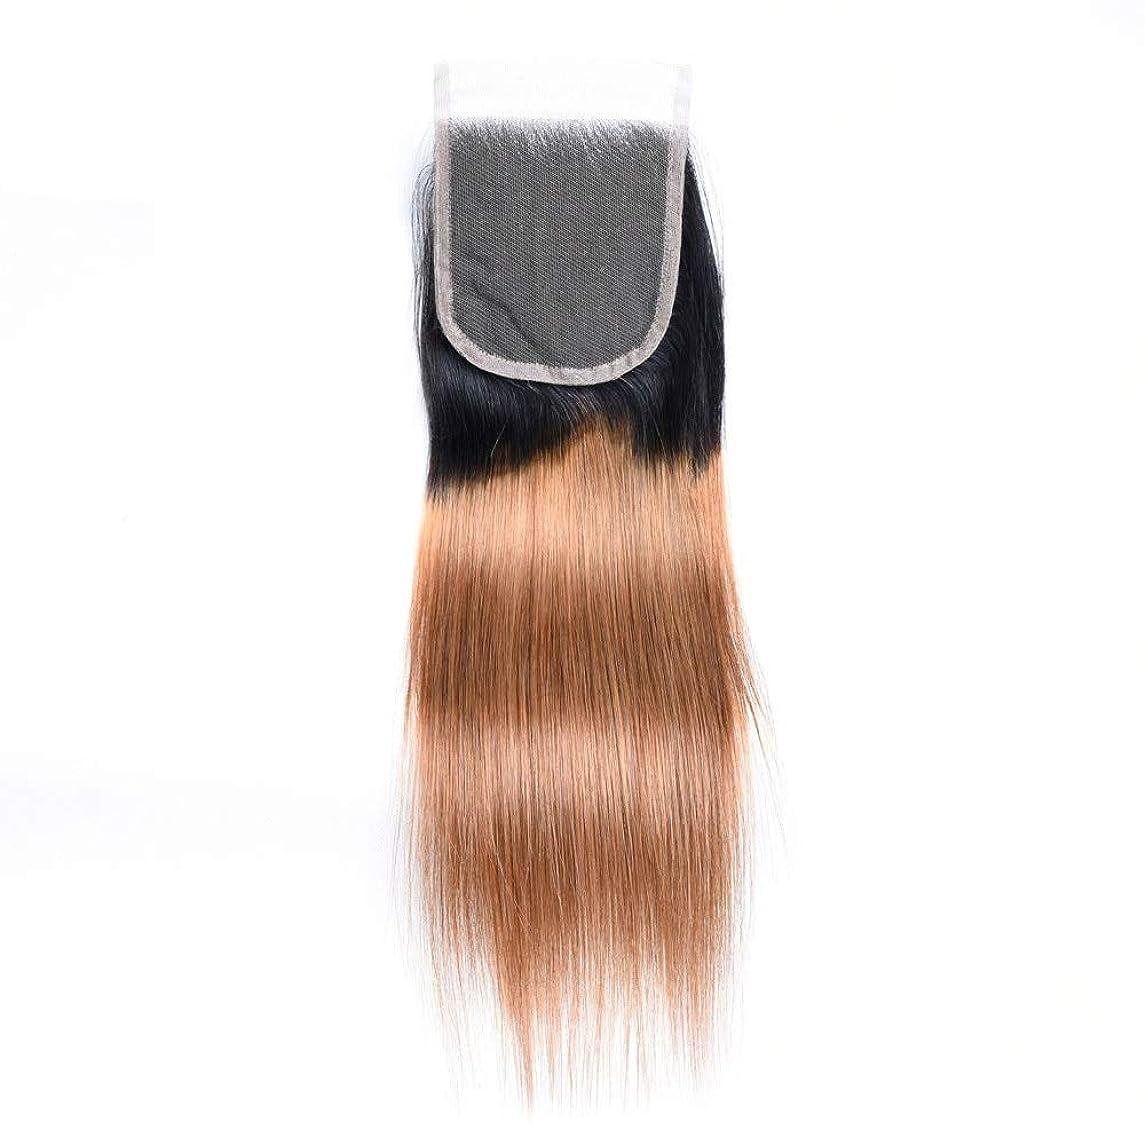 誠意囲まれた換気WASAIO 未処理のRemy人間の髪の毛のブラジルストレートトーンの色のかつら (色 : Blonde, サイズ : 14 inch)